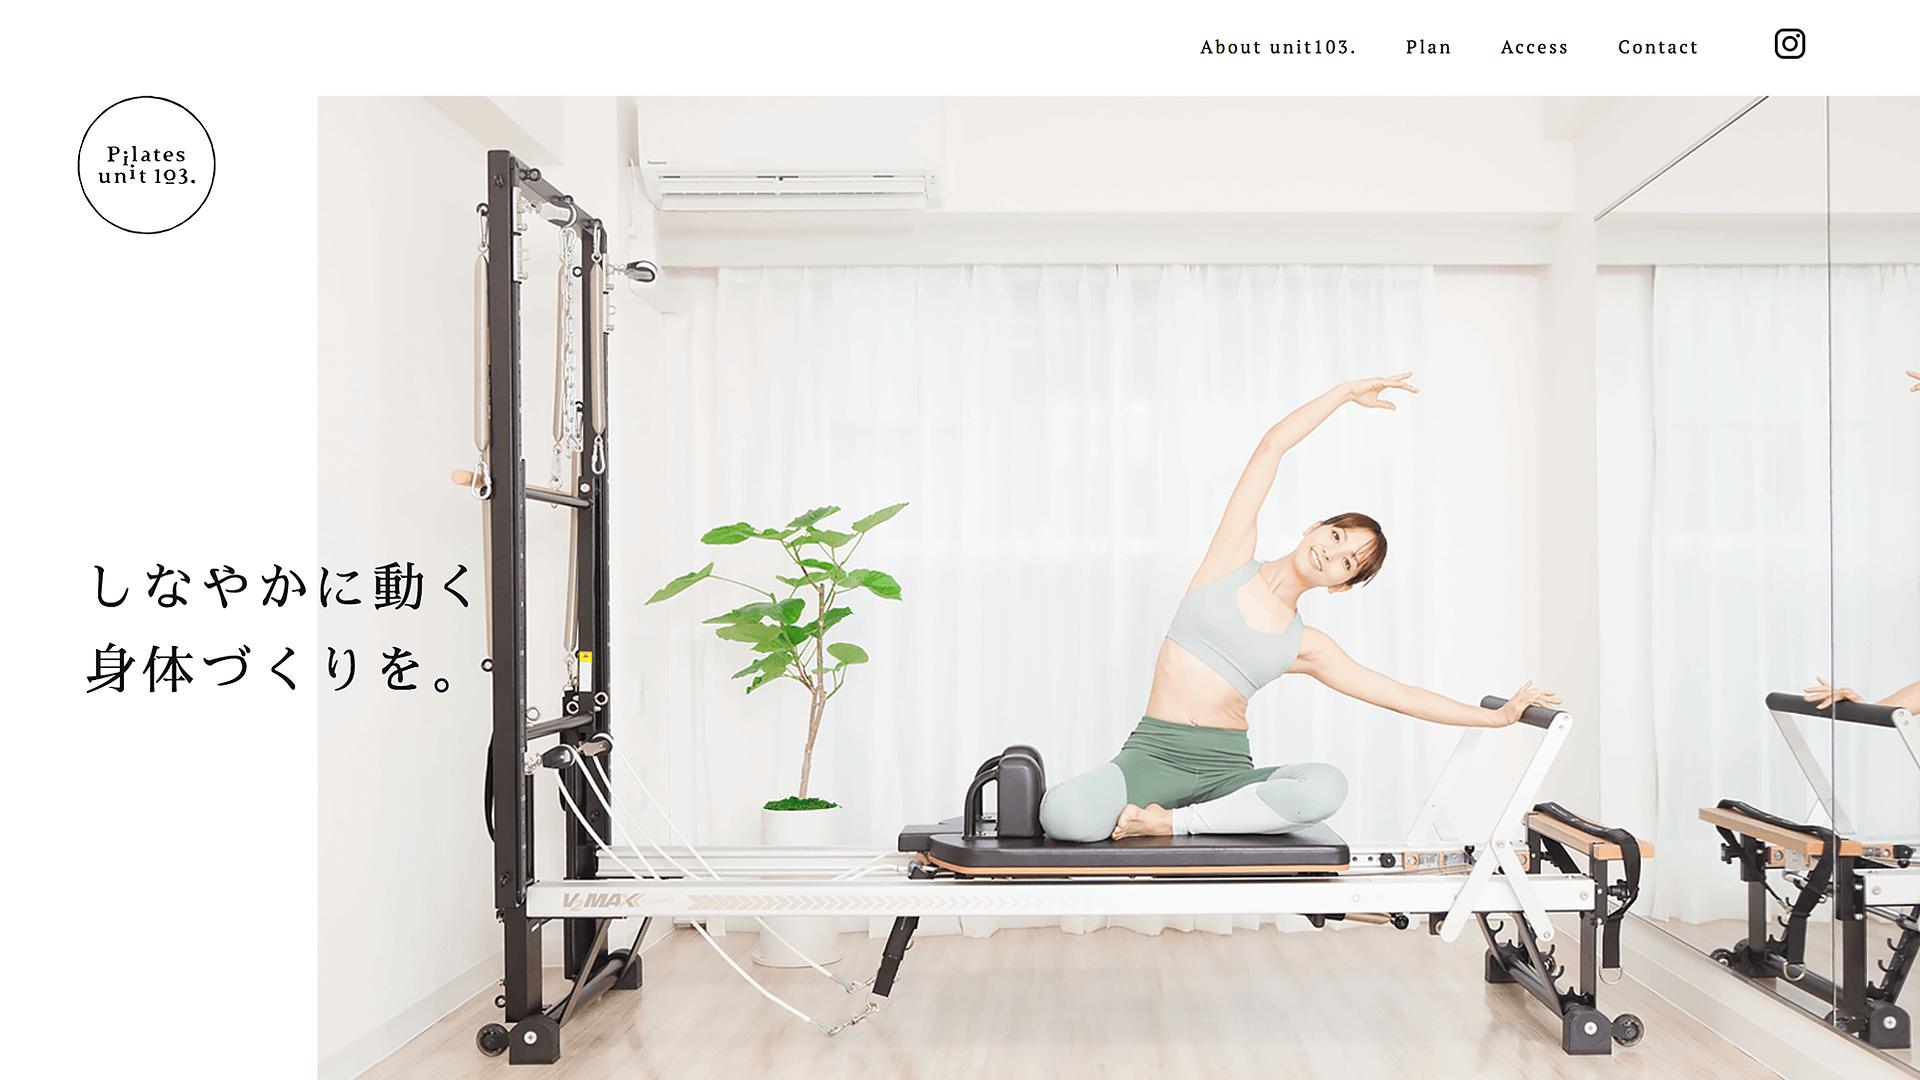 Pilates unit103.のメインビジュアル